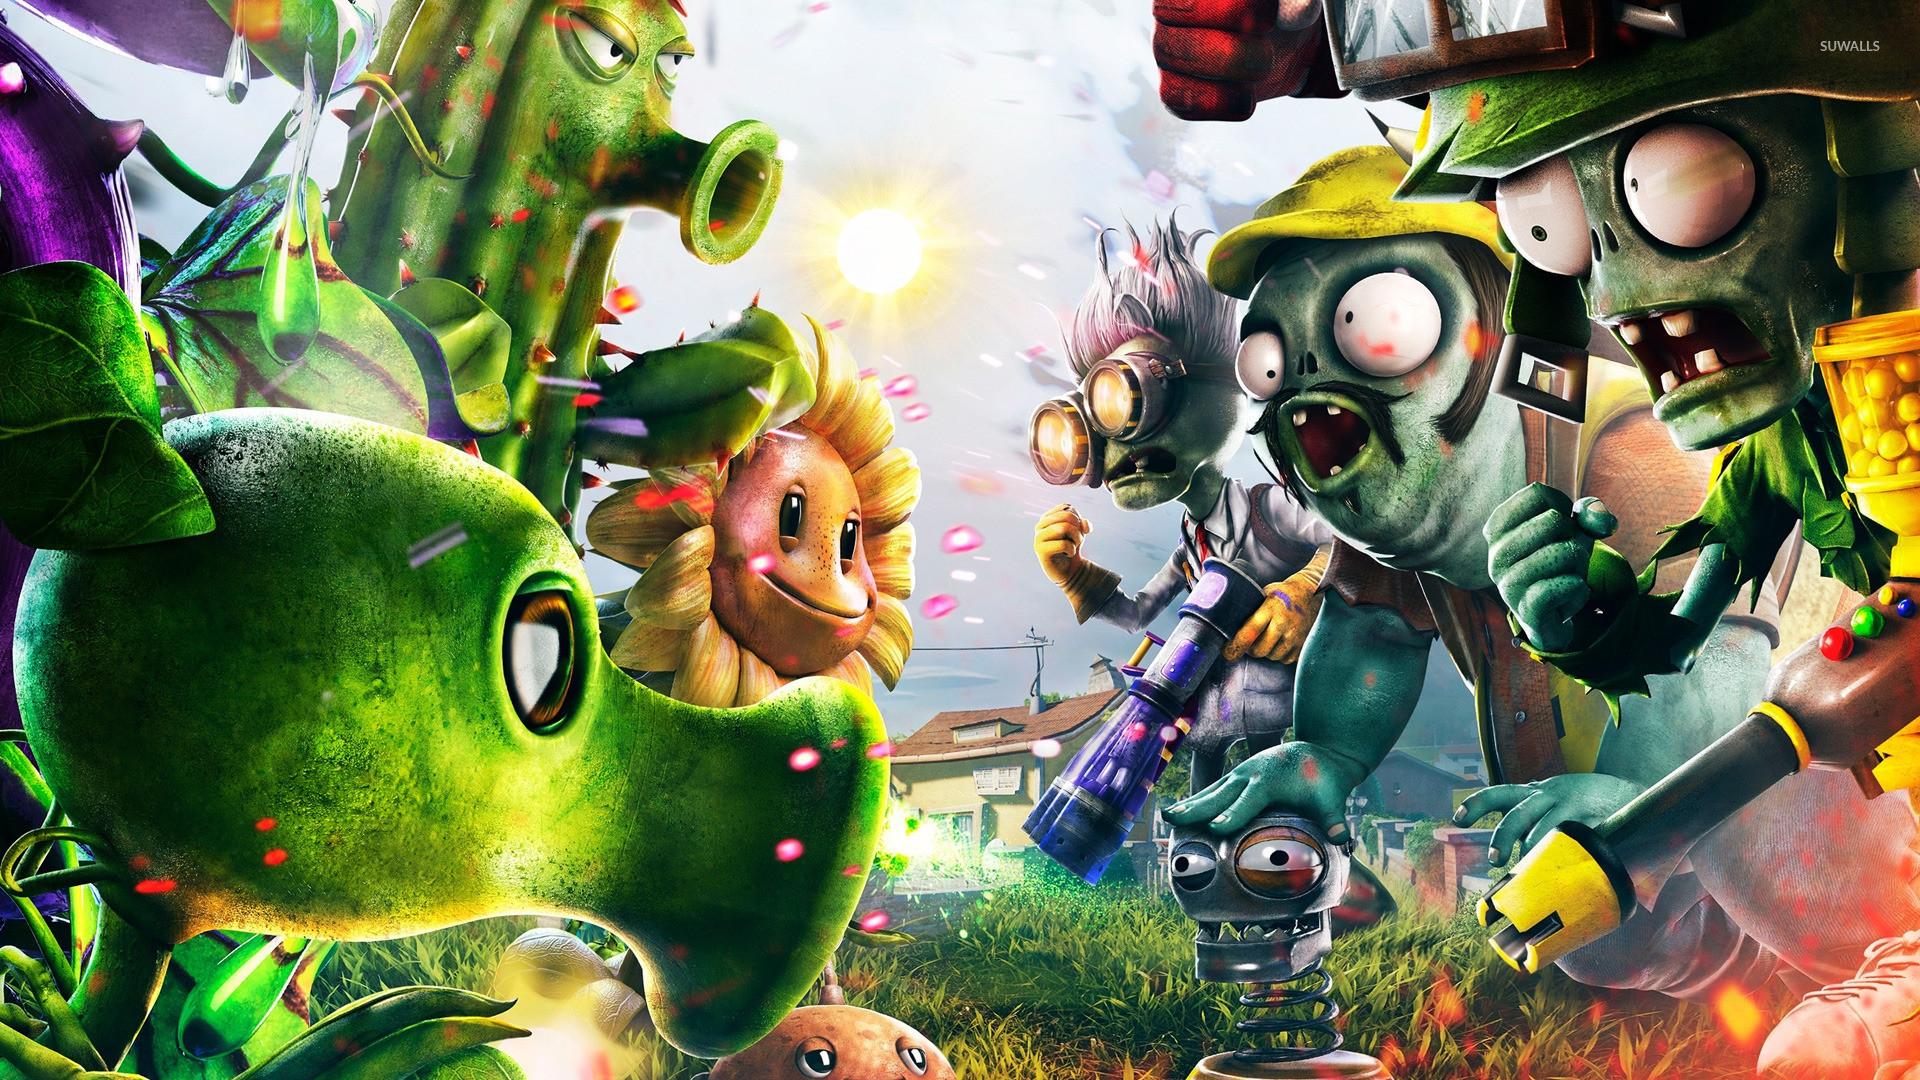 Plants Vs Zombies Wallpaper Wallpapertag